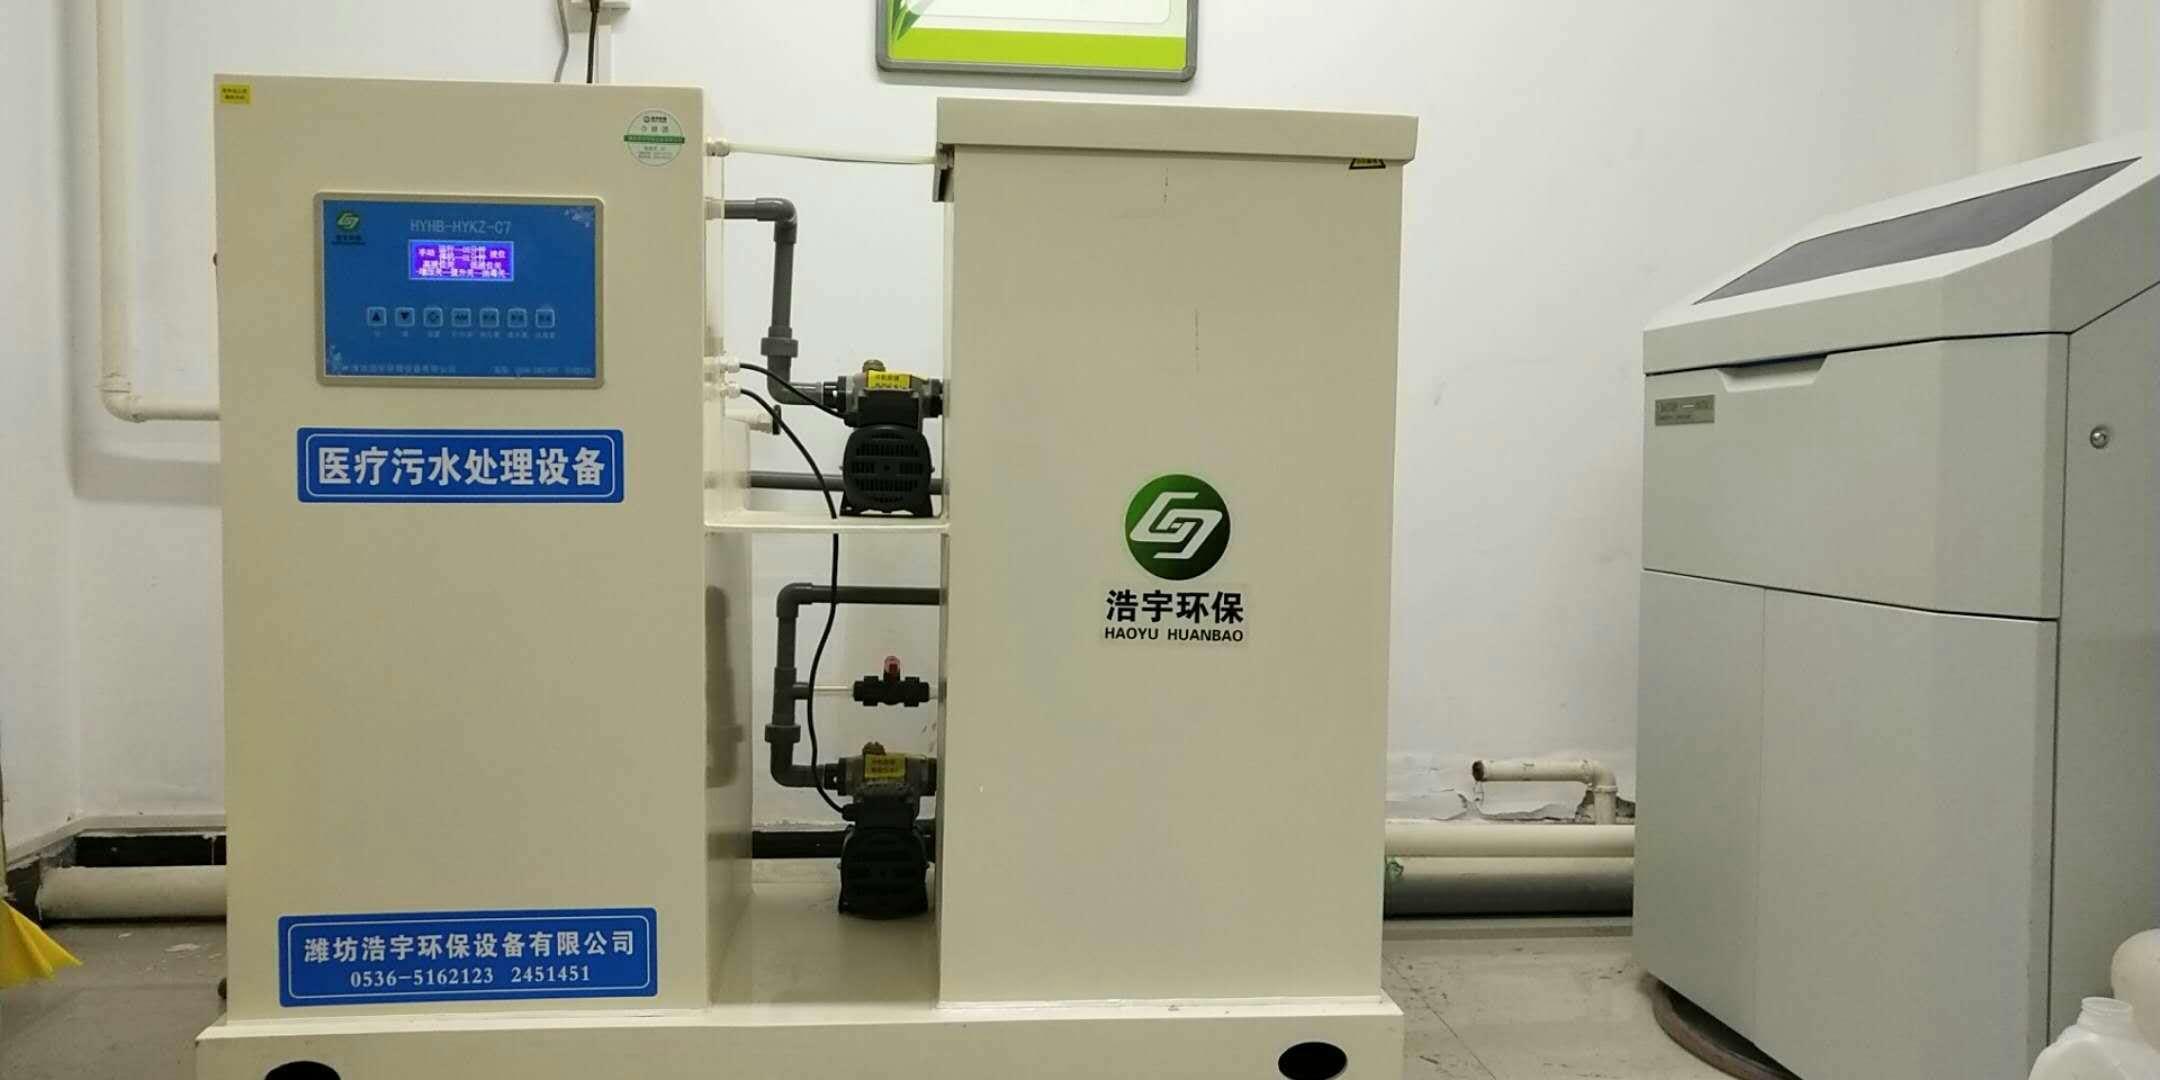 醫院化驗室污水處理設備 <br> 全新  價格:6500 <br> <img src=http://k.kqzp.cn/img/up/img/5f07df0478dbc.jpg